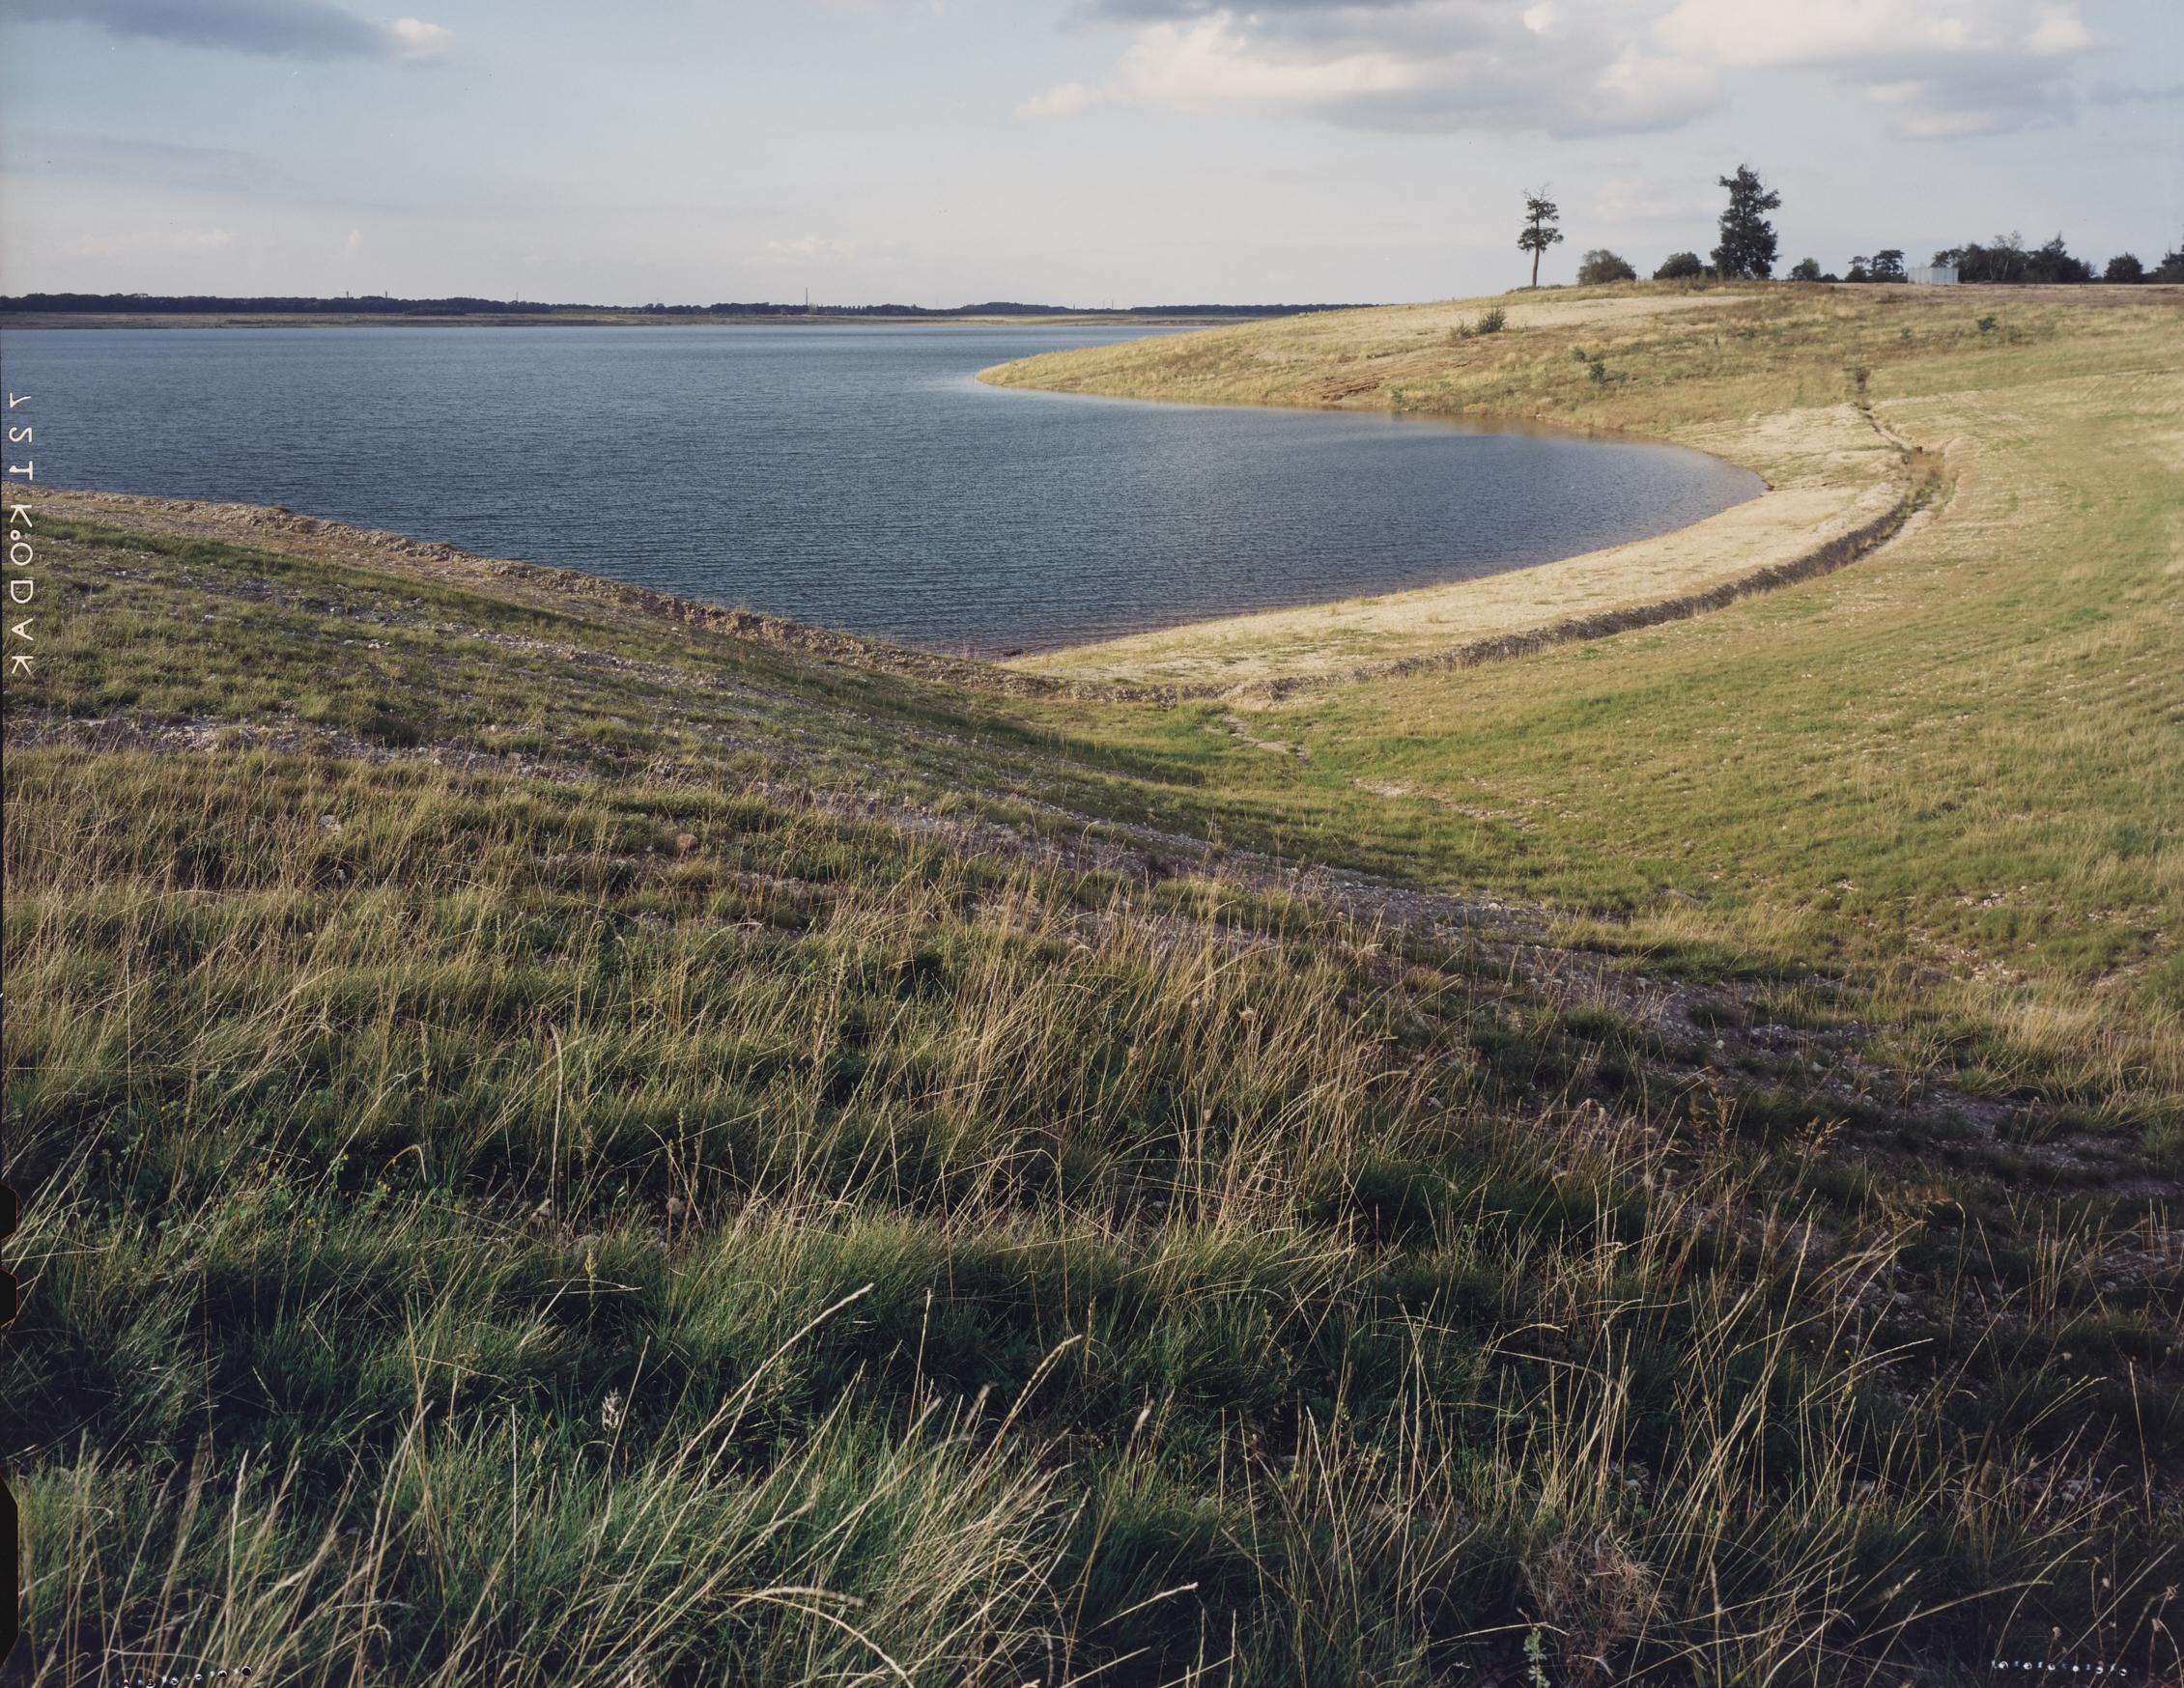 Wenzel_Tagebau Cospuden-Zöbiger_1998_01